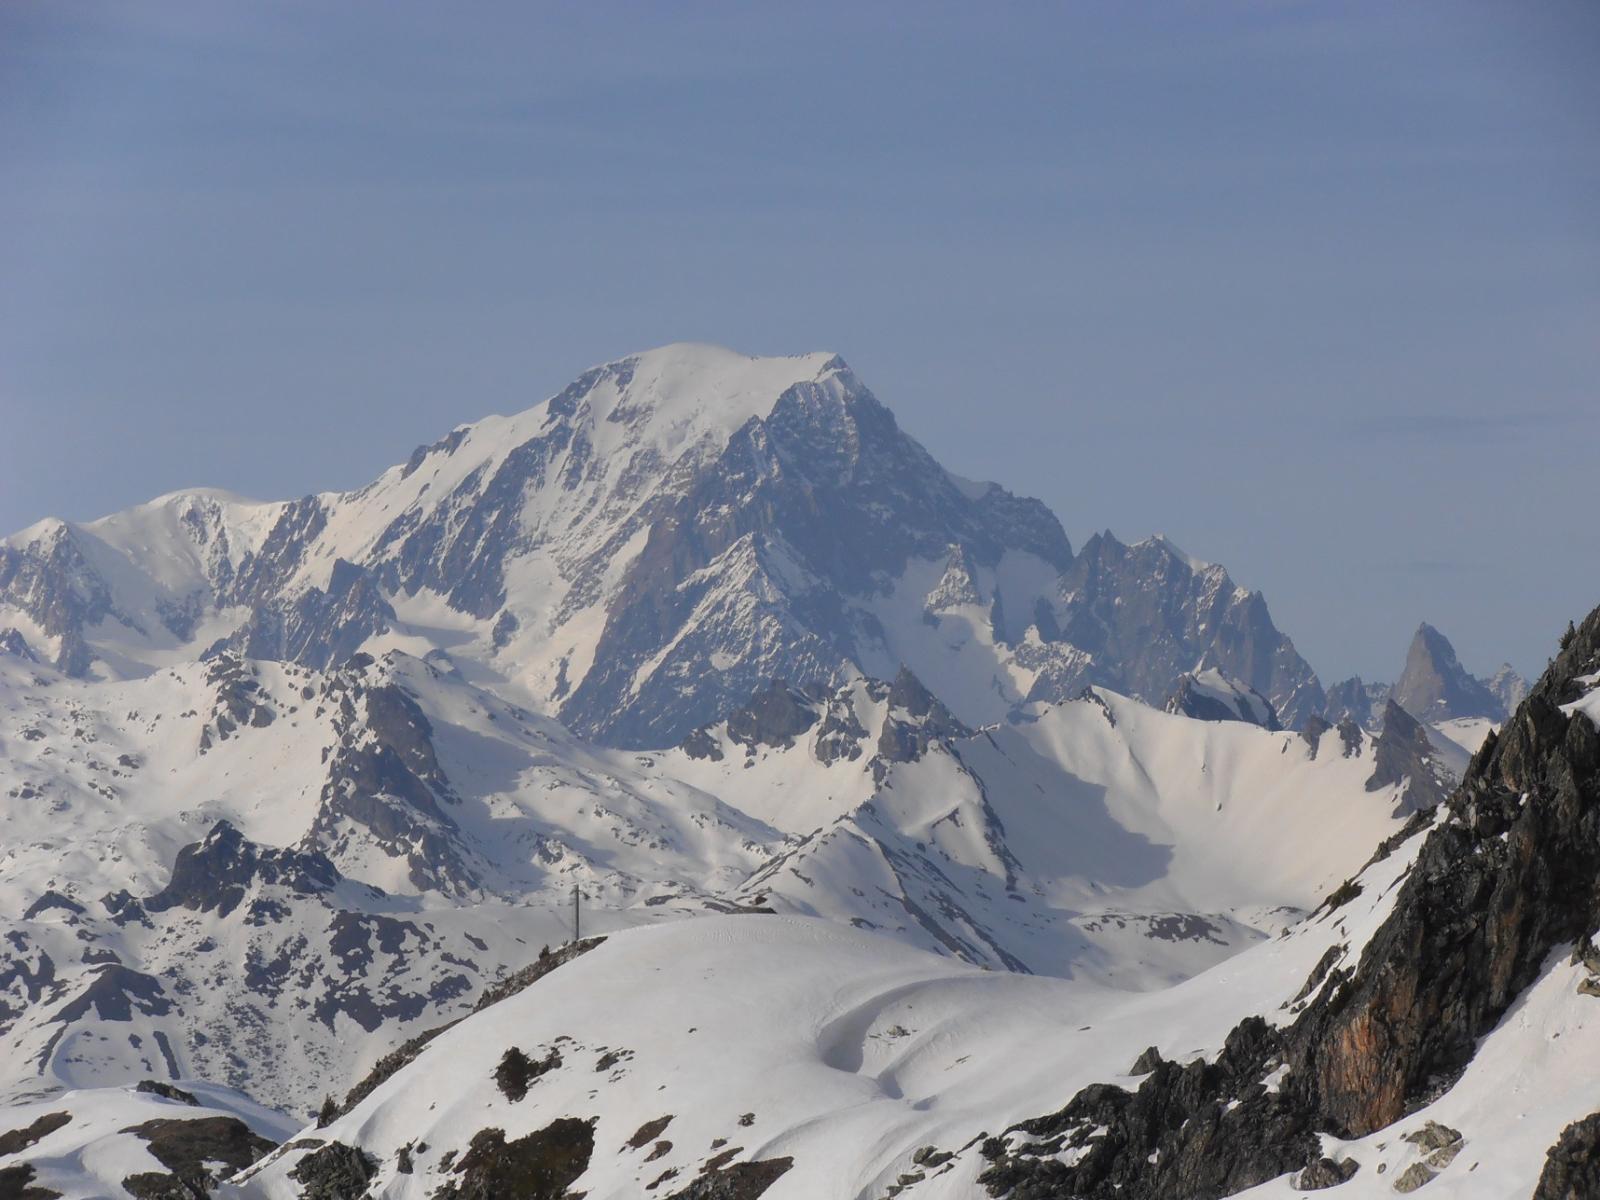 11 - Dettaglio Monte Bianco e Cresta di Peuterey